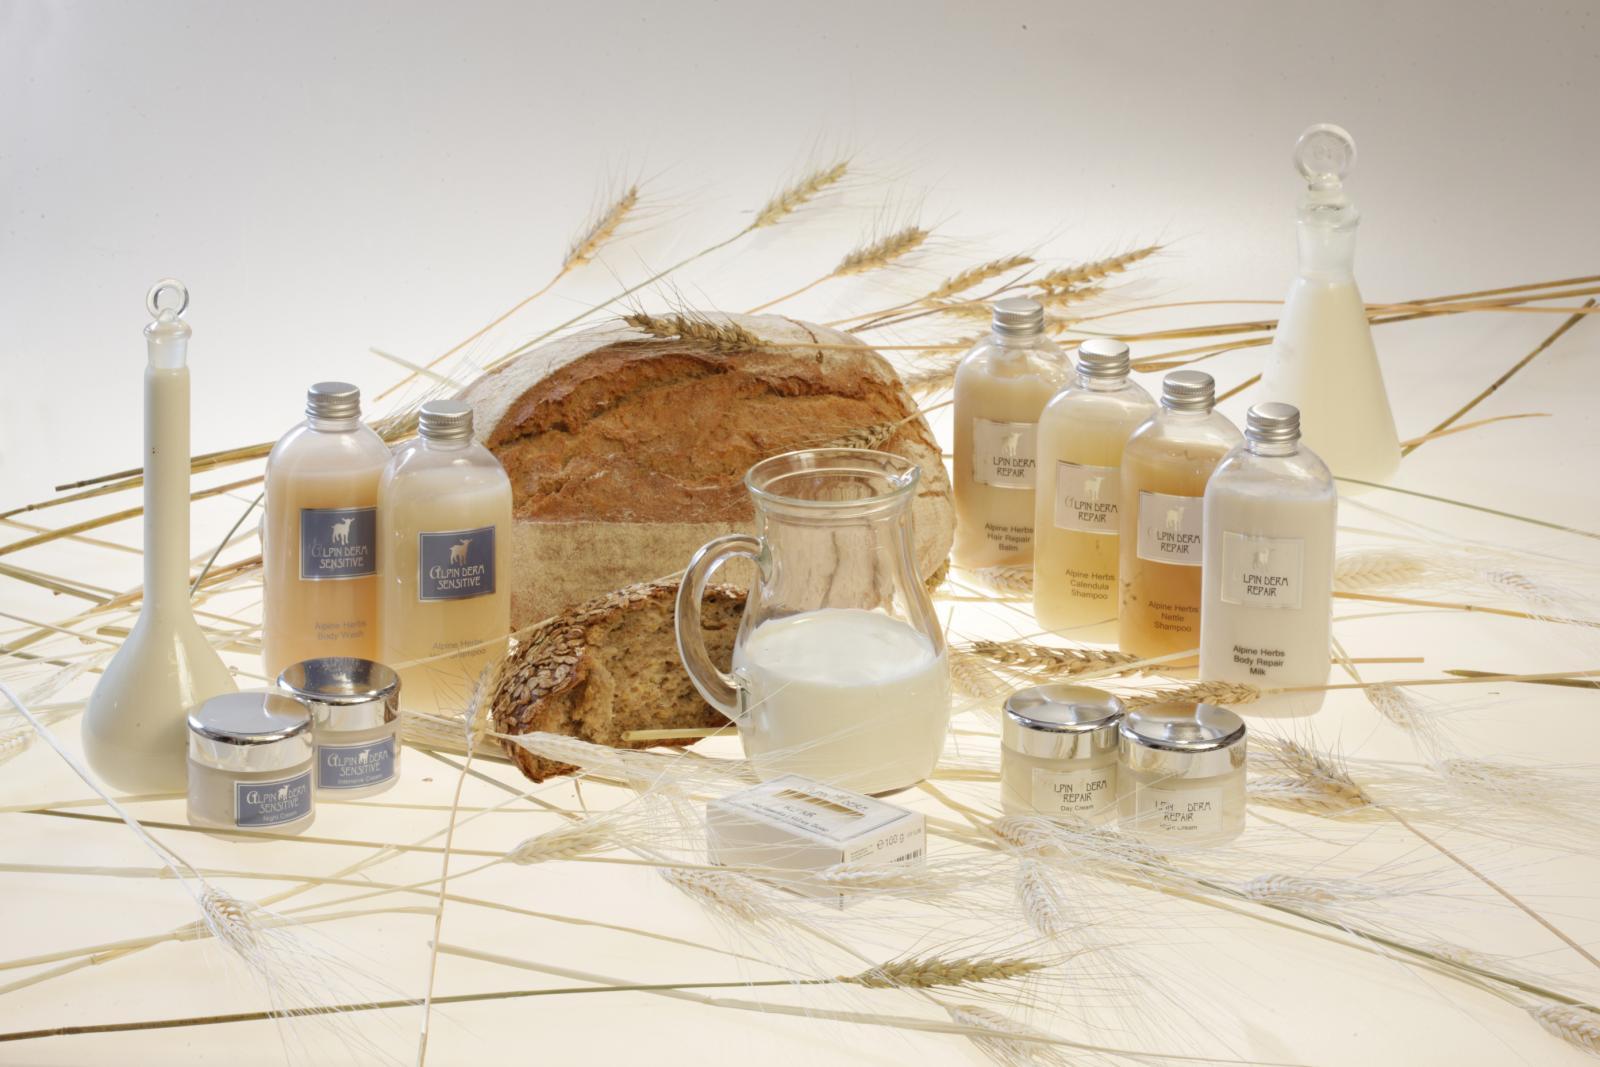 $TYX - 100% натуральные эфирные масла и природная косметика, созданные по старинным рецептам, проверенным поколениями! Натуральная красота для современных женщин! Выкуп 7.